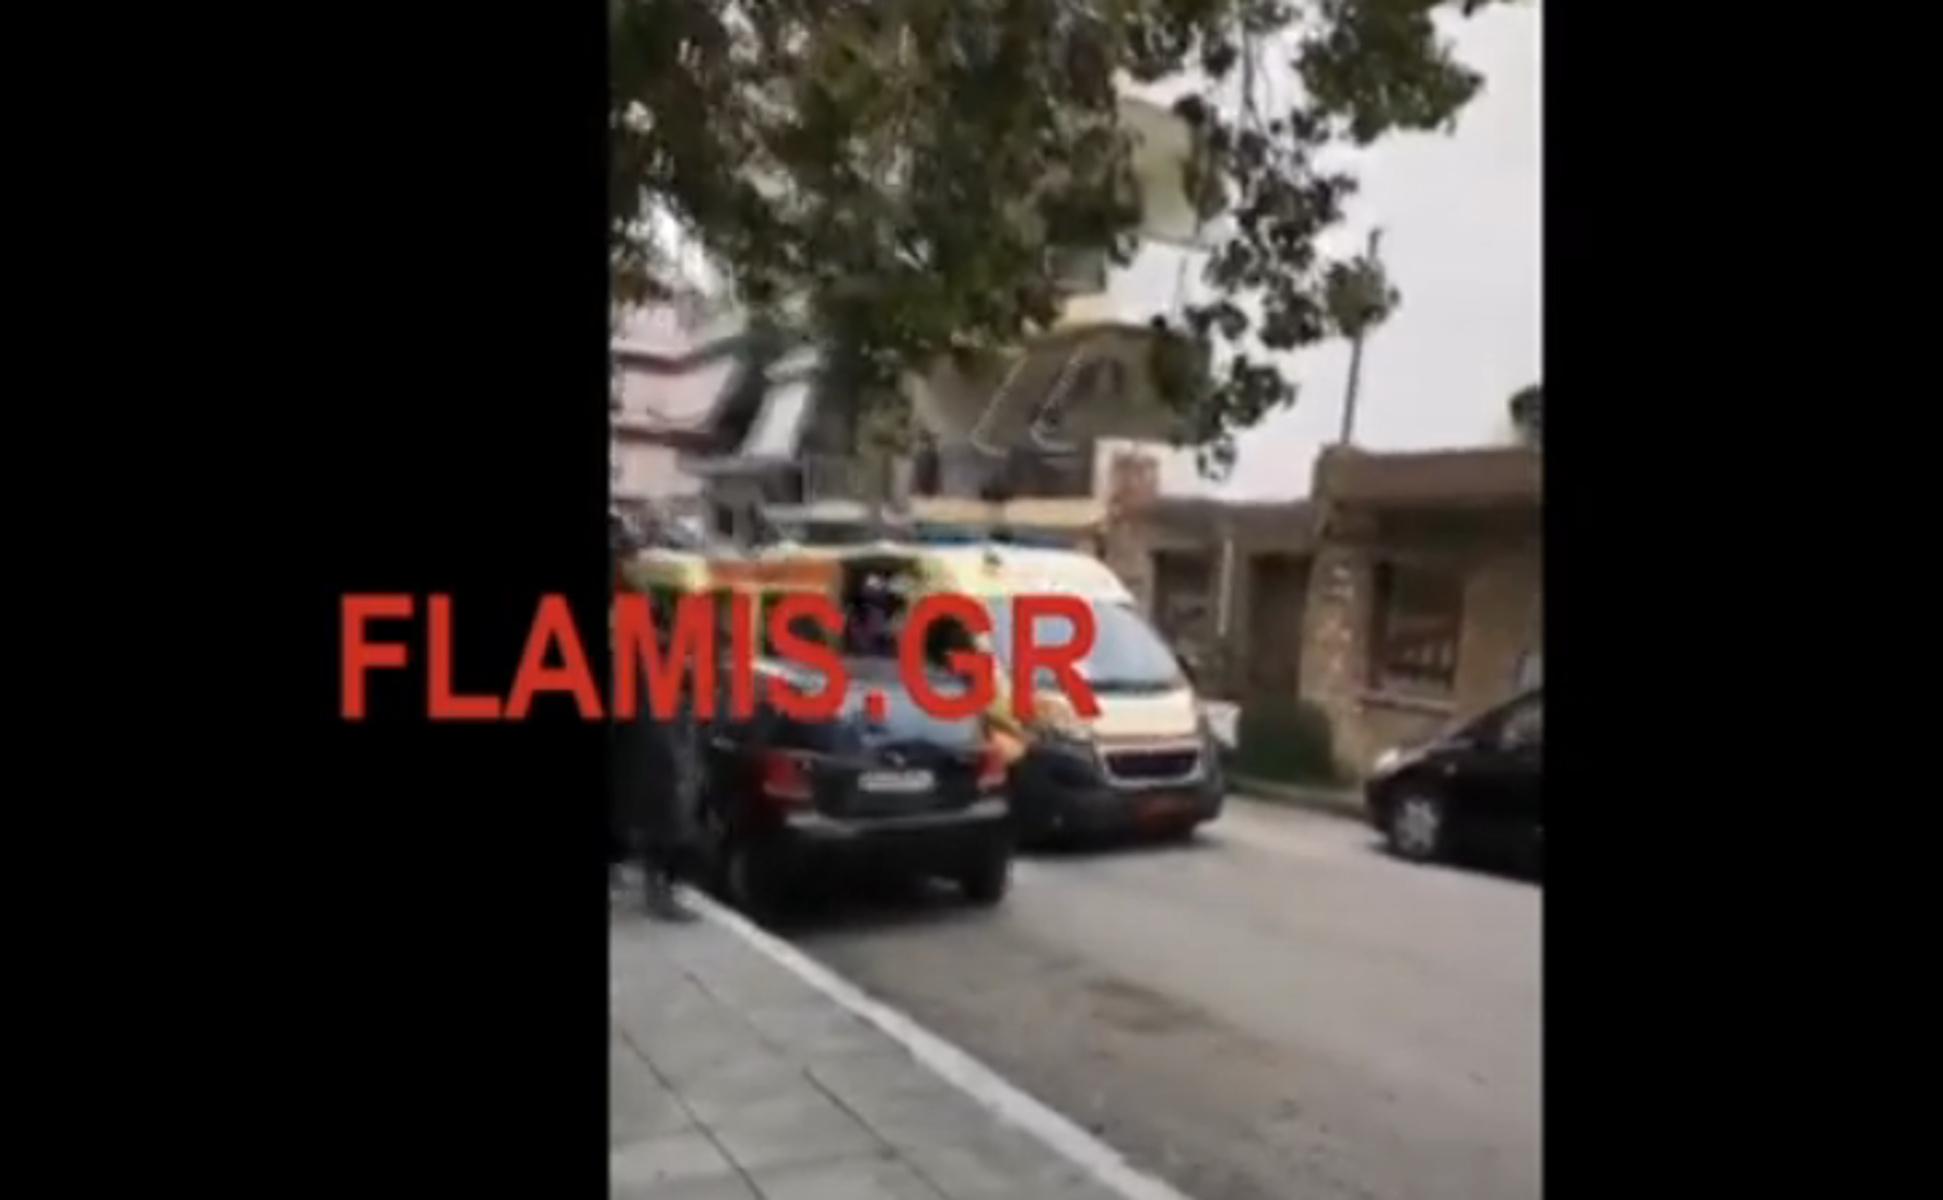 Πάτρα: Έκρηξη σε διαμέρισμα από φιάλη υγραερίου – Στο νοσοκομείο άνδρας με σοβαρά εγκαύματα